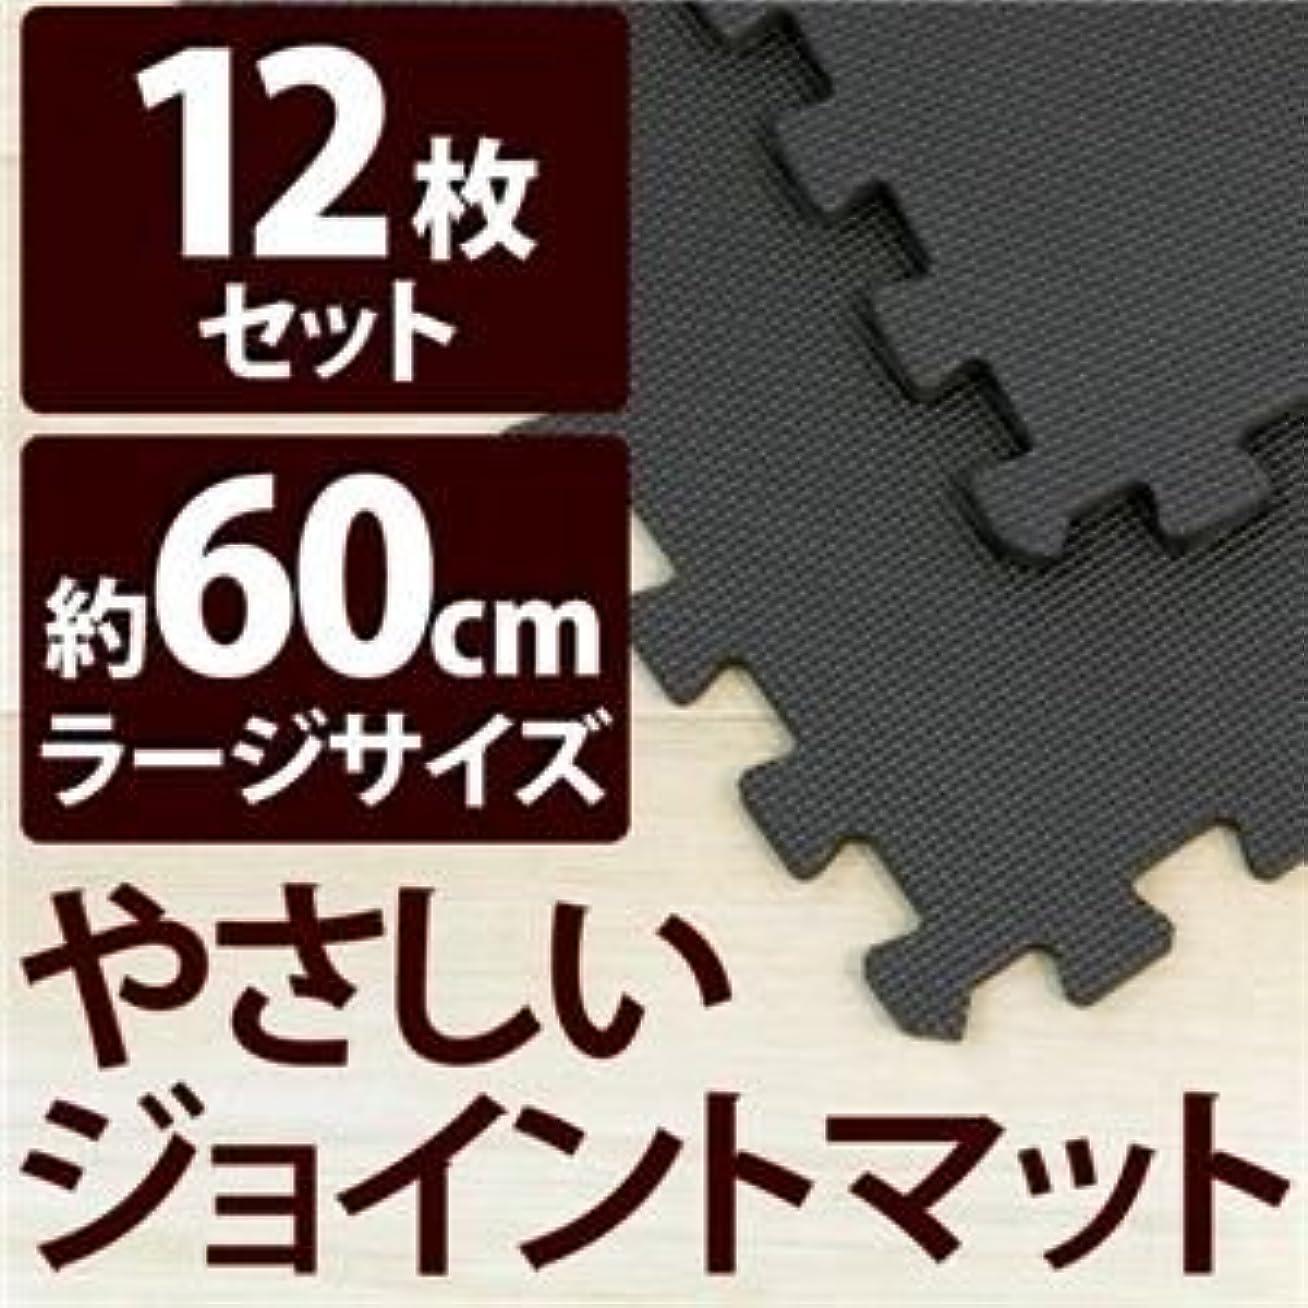 メガロポリスネコ拮抗するやさしいジョイントマット 12枚入 ラージサイズ(60cm×60cm) ブラック(黒)単色 〔大判 クッションマット カラーマット 赤ちゃんマット〕